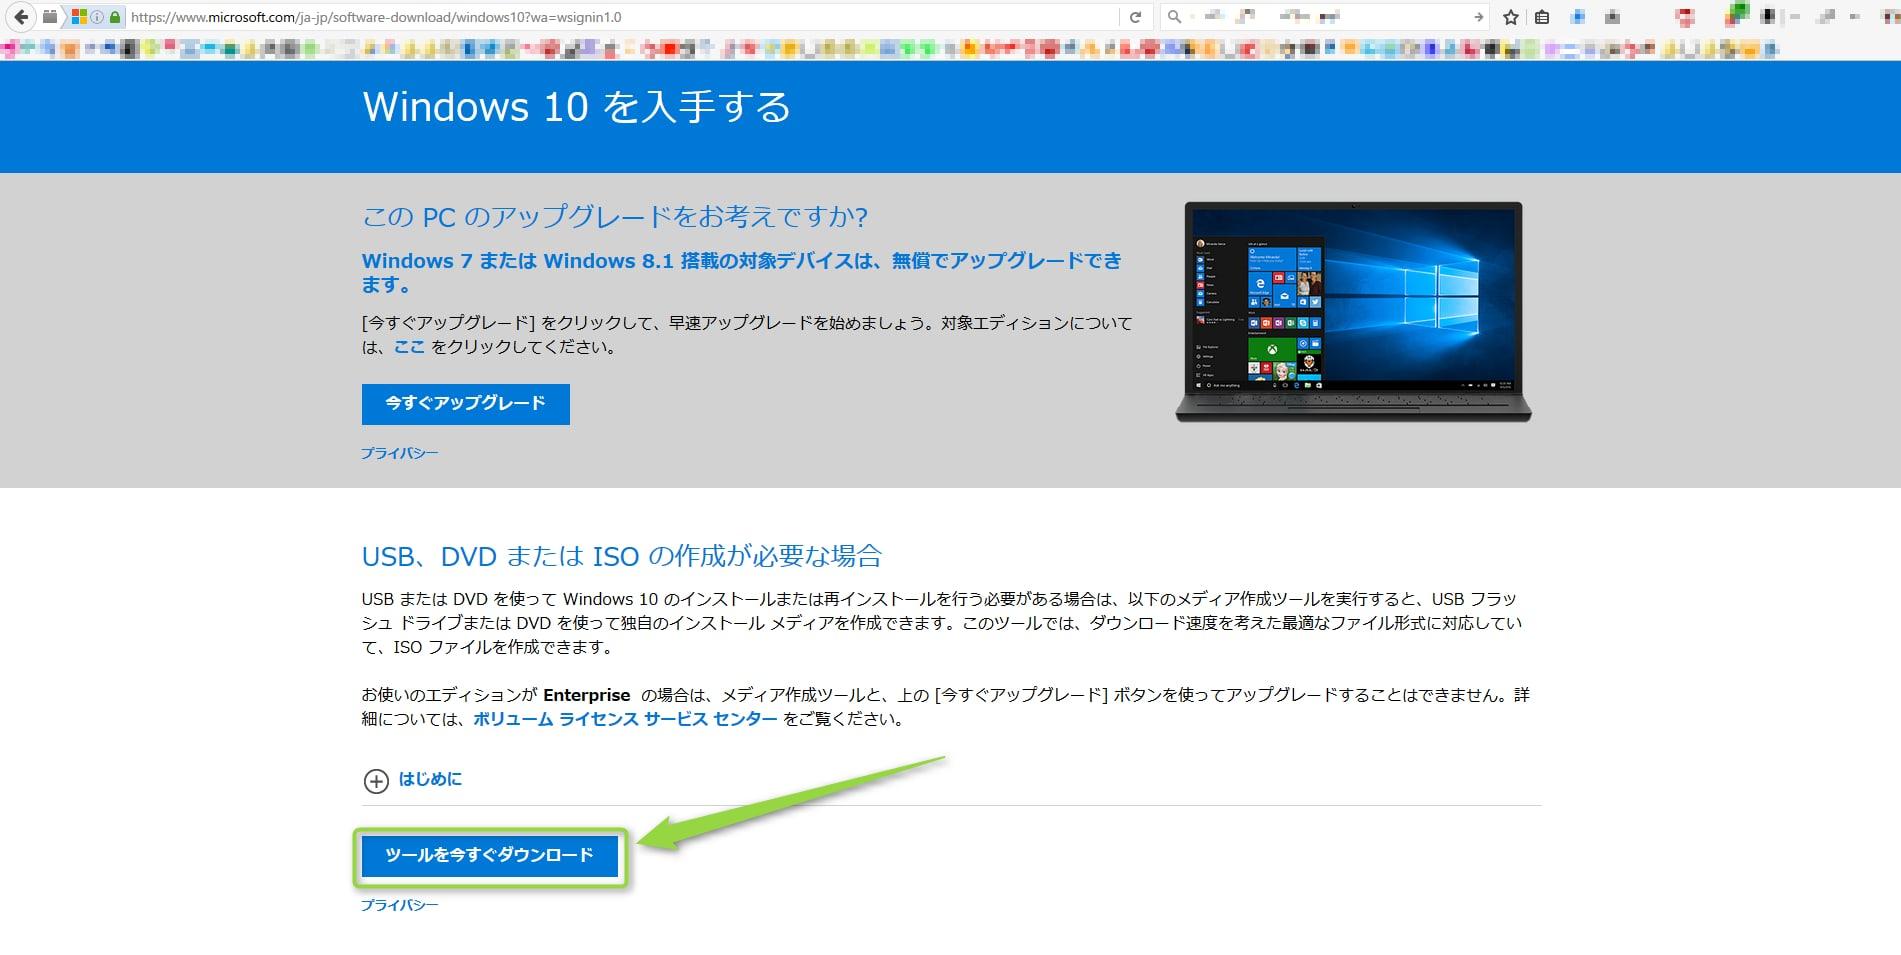 とりあえずWindows10への無償アップグレード権を確保してみた。